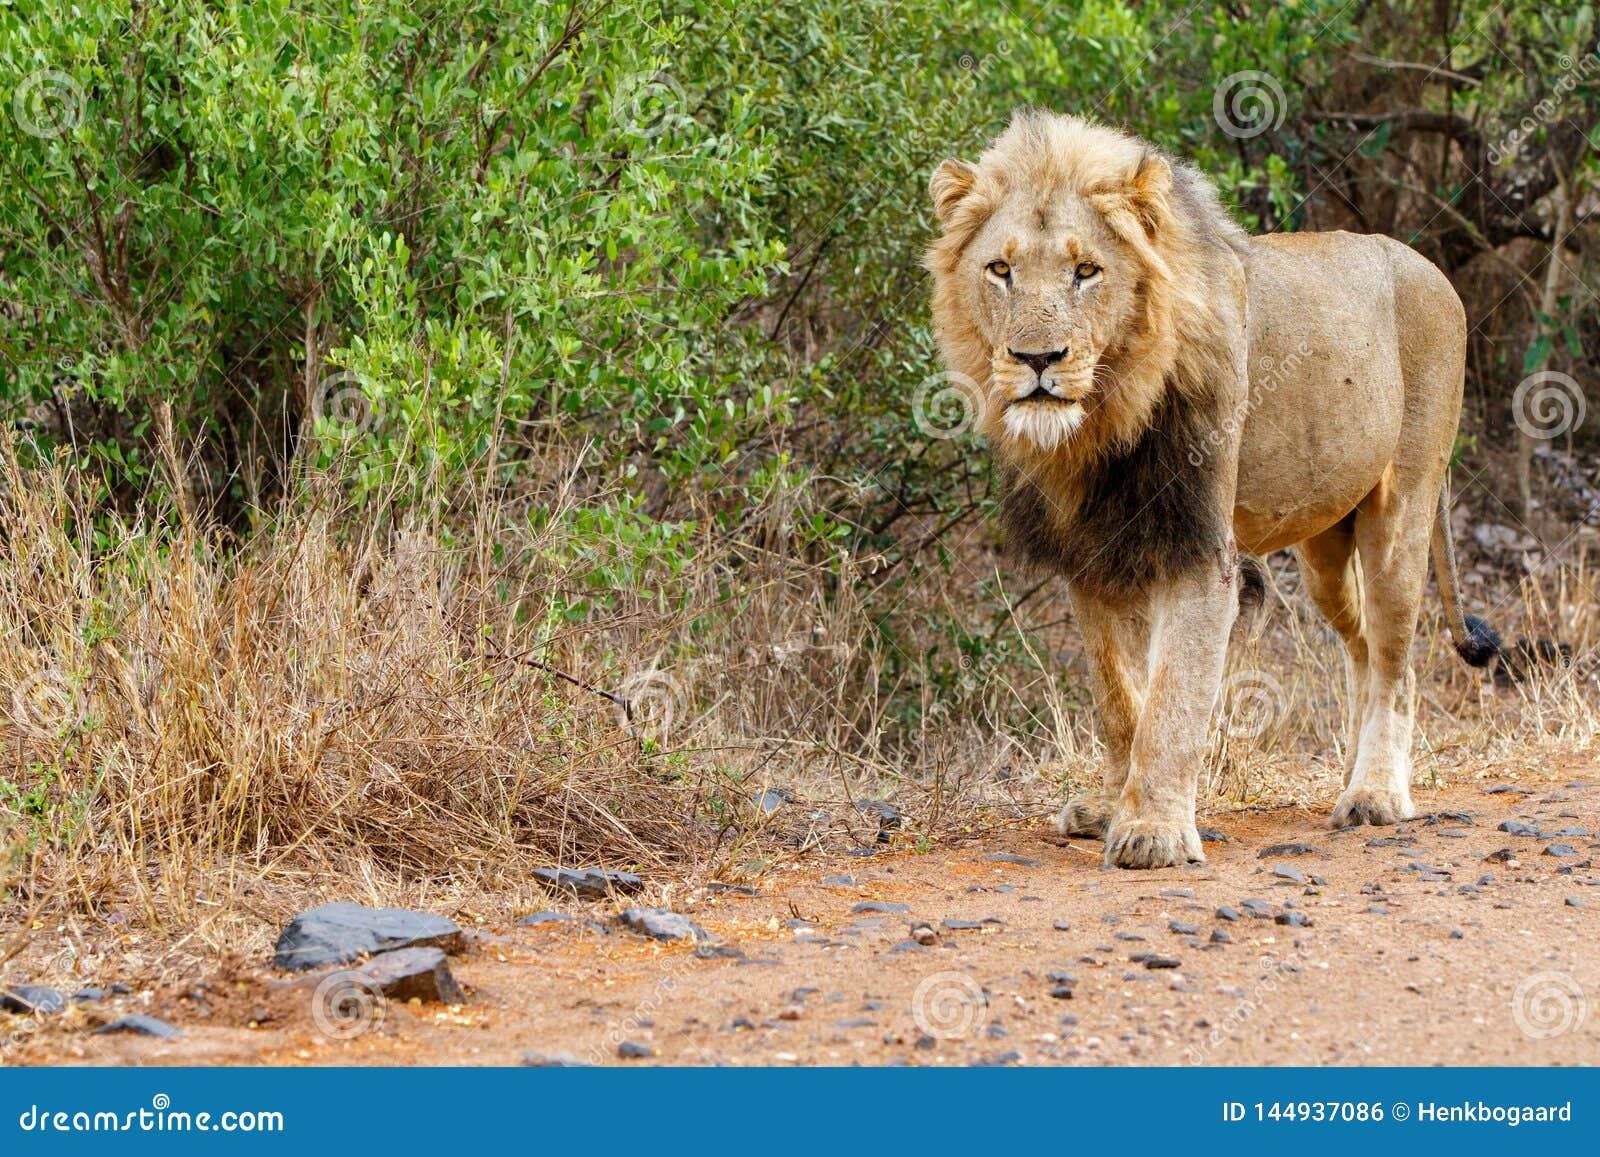 Manligt lejon i Kruger NP - Sydafrika